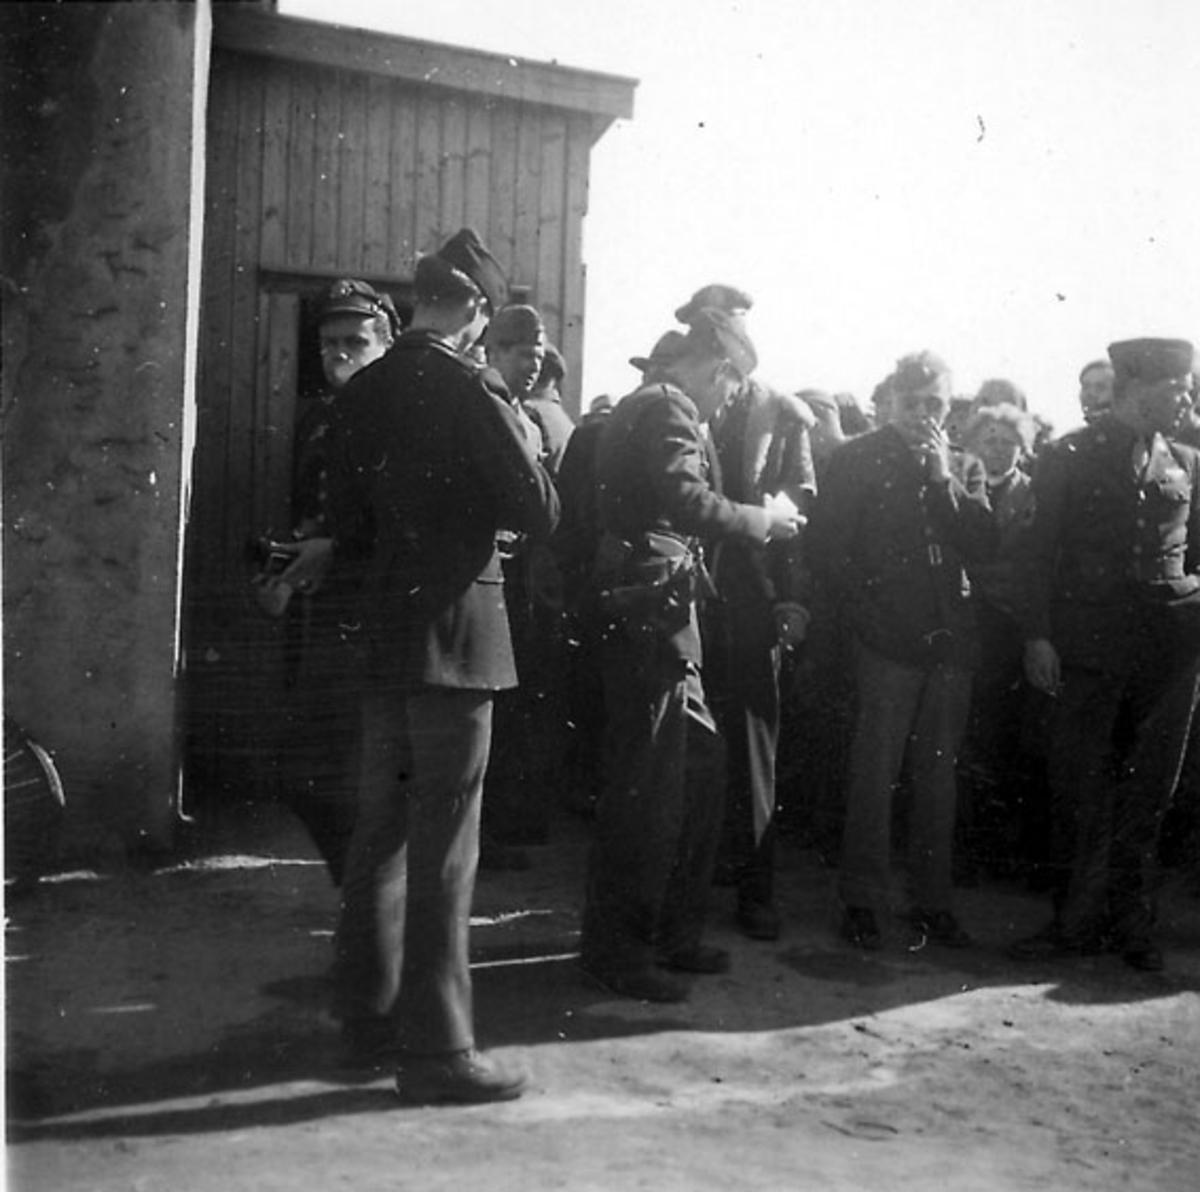 Frigjøringsdagene i Bodø etter krigen 1940 - 1945. Flere militære og sivile foran bygning. Grand Hotel.